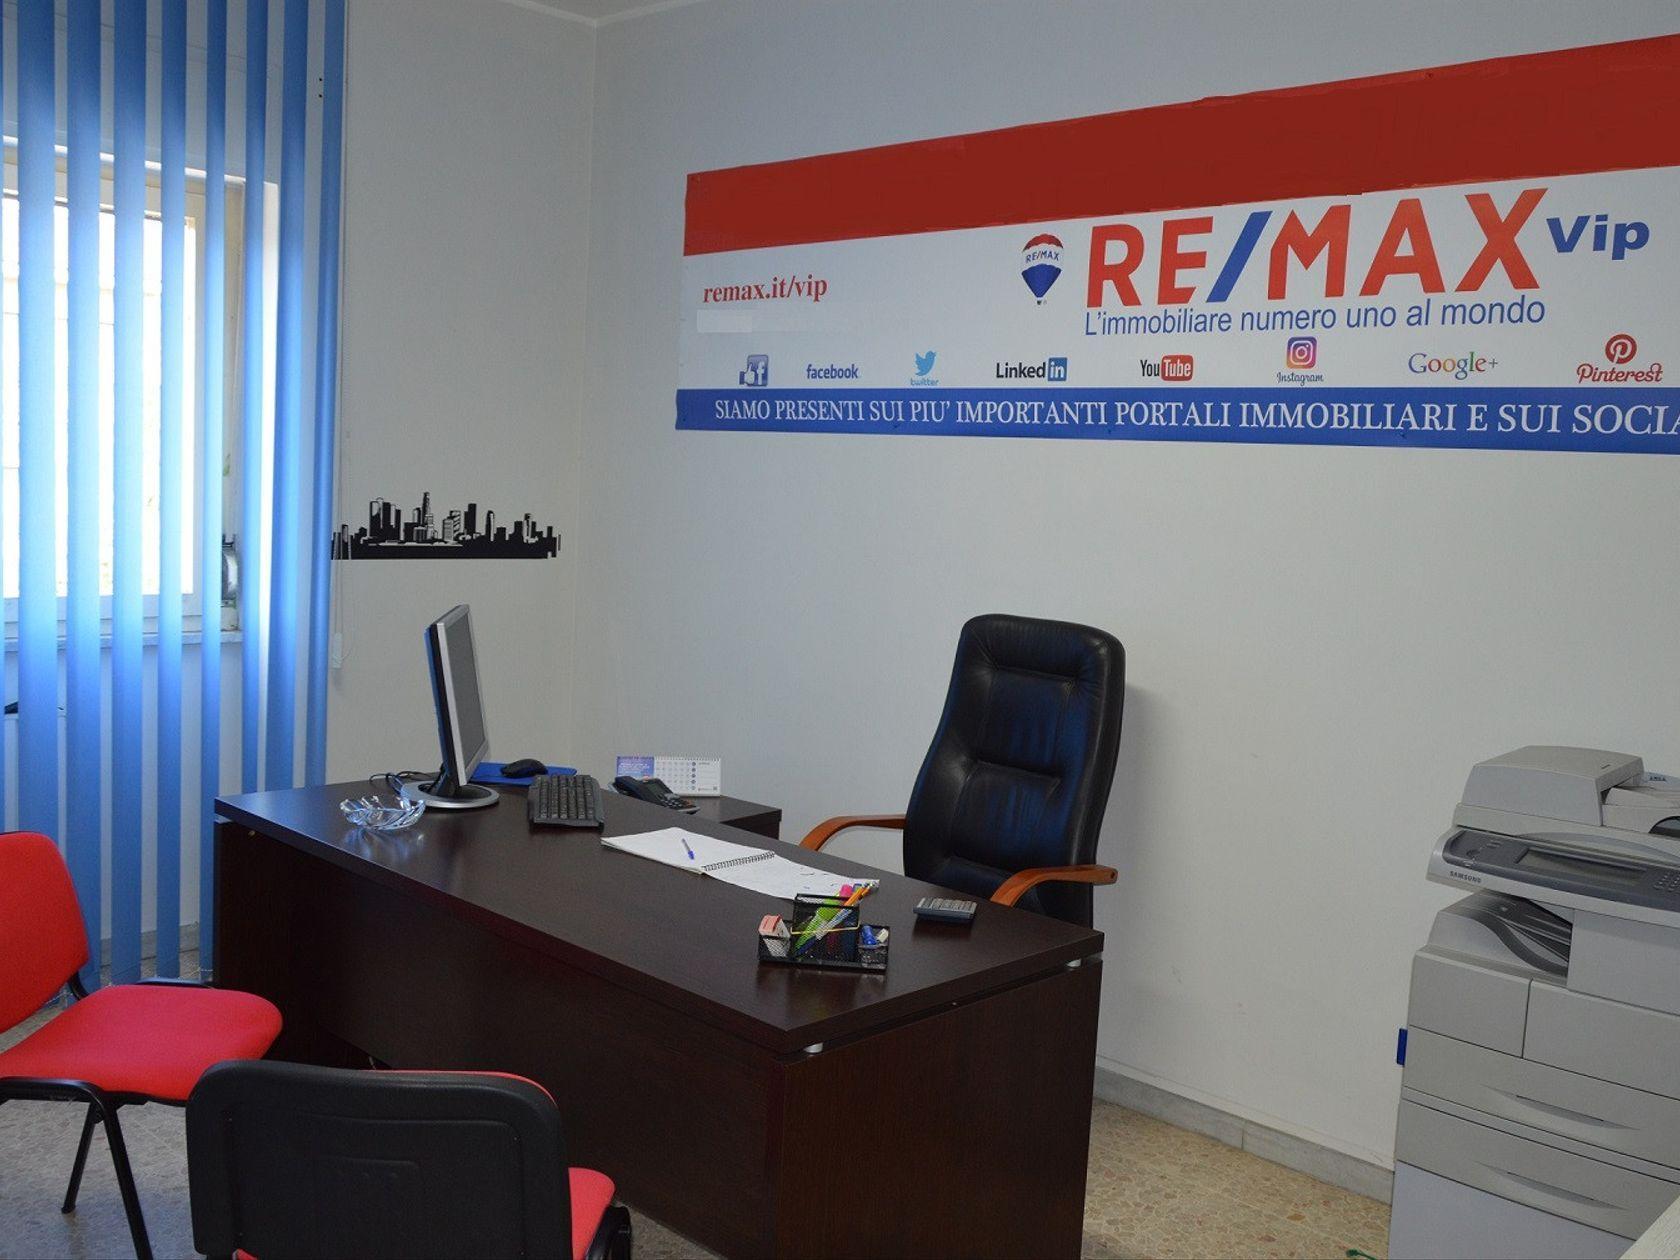 RE/MAX Vip Rossano - Foto 4